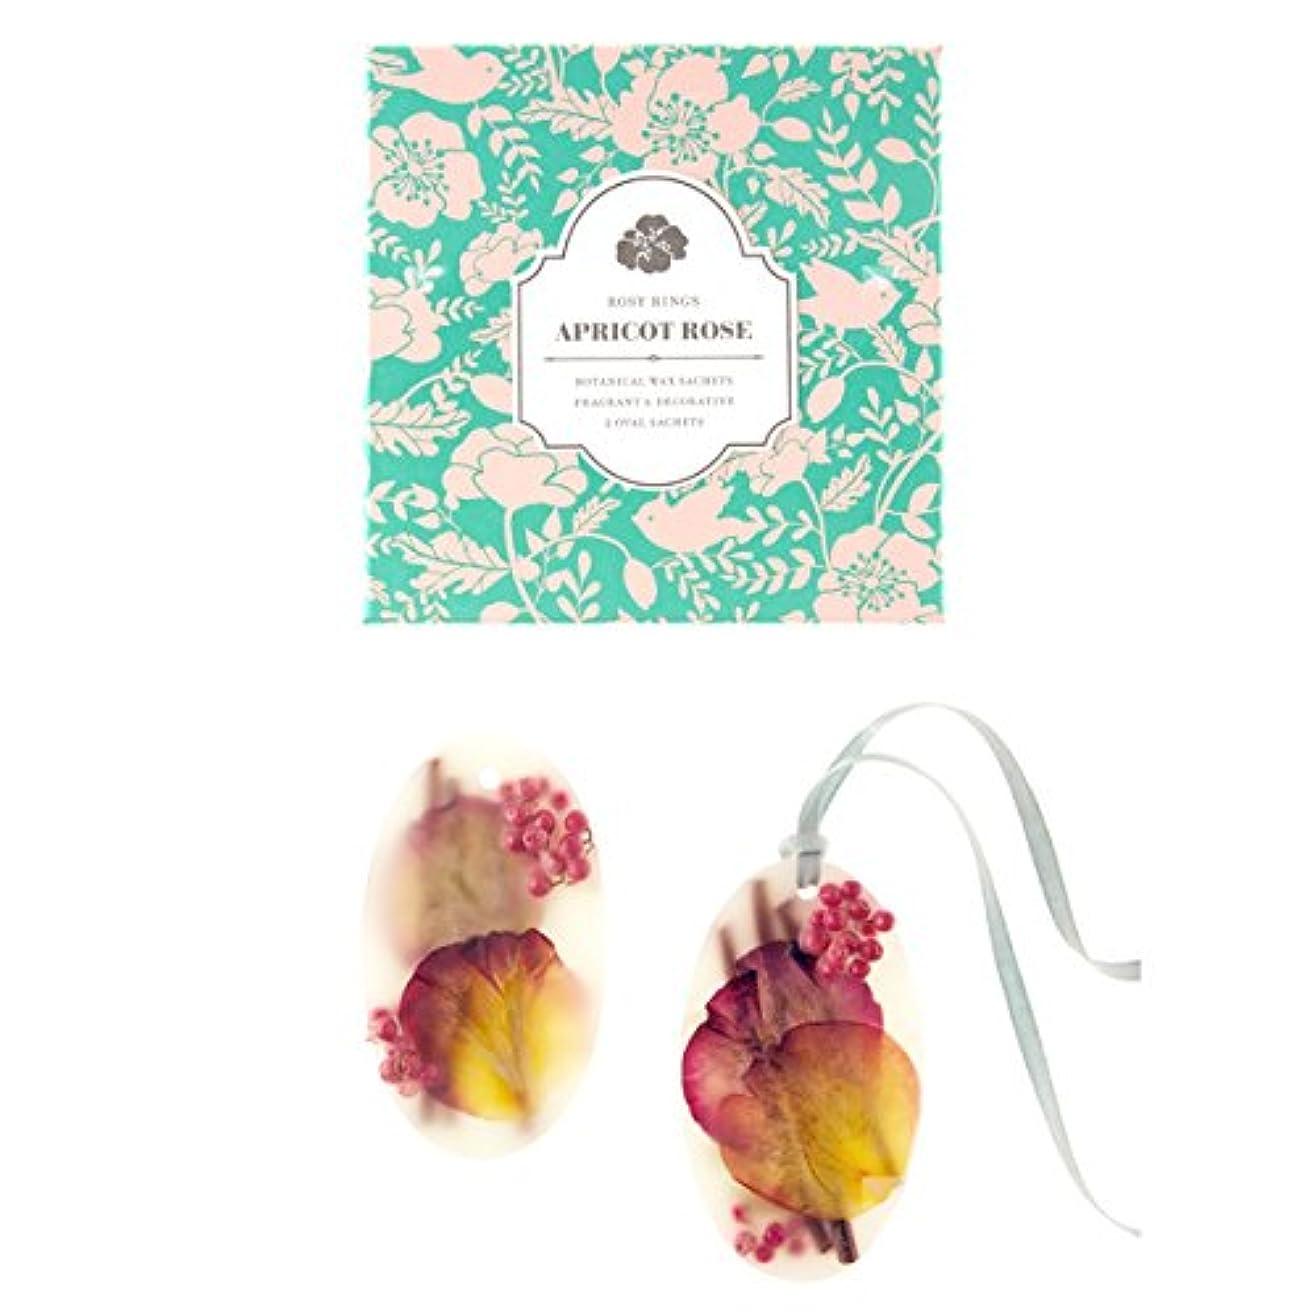 外国人スパイ艶ロージーリングス ボタニカルワックスサシェ オーバル アプリコット&ローズ ROSY RINGS Signature Collection Botanical Wax Sachets – Apricot Rose